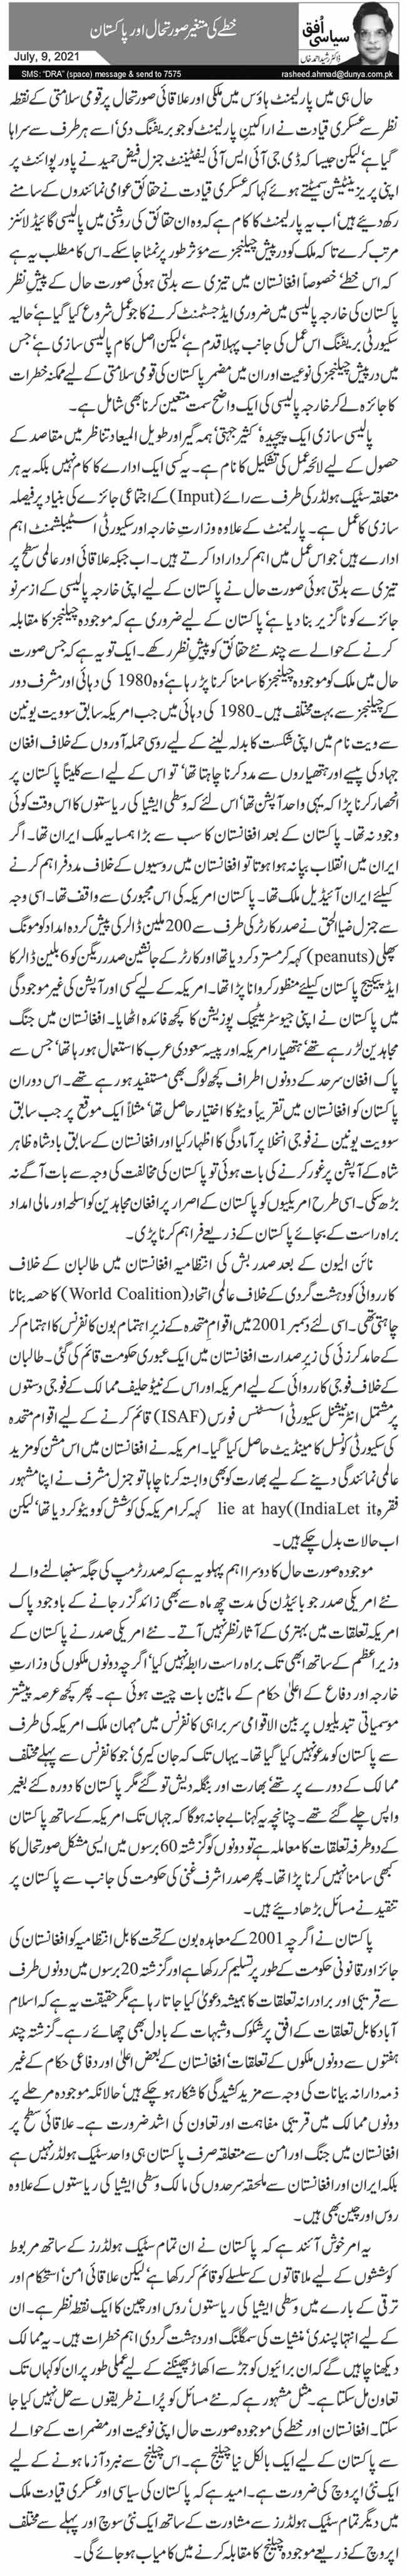 خطے کی متغیر صورتحال اور پاکستان